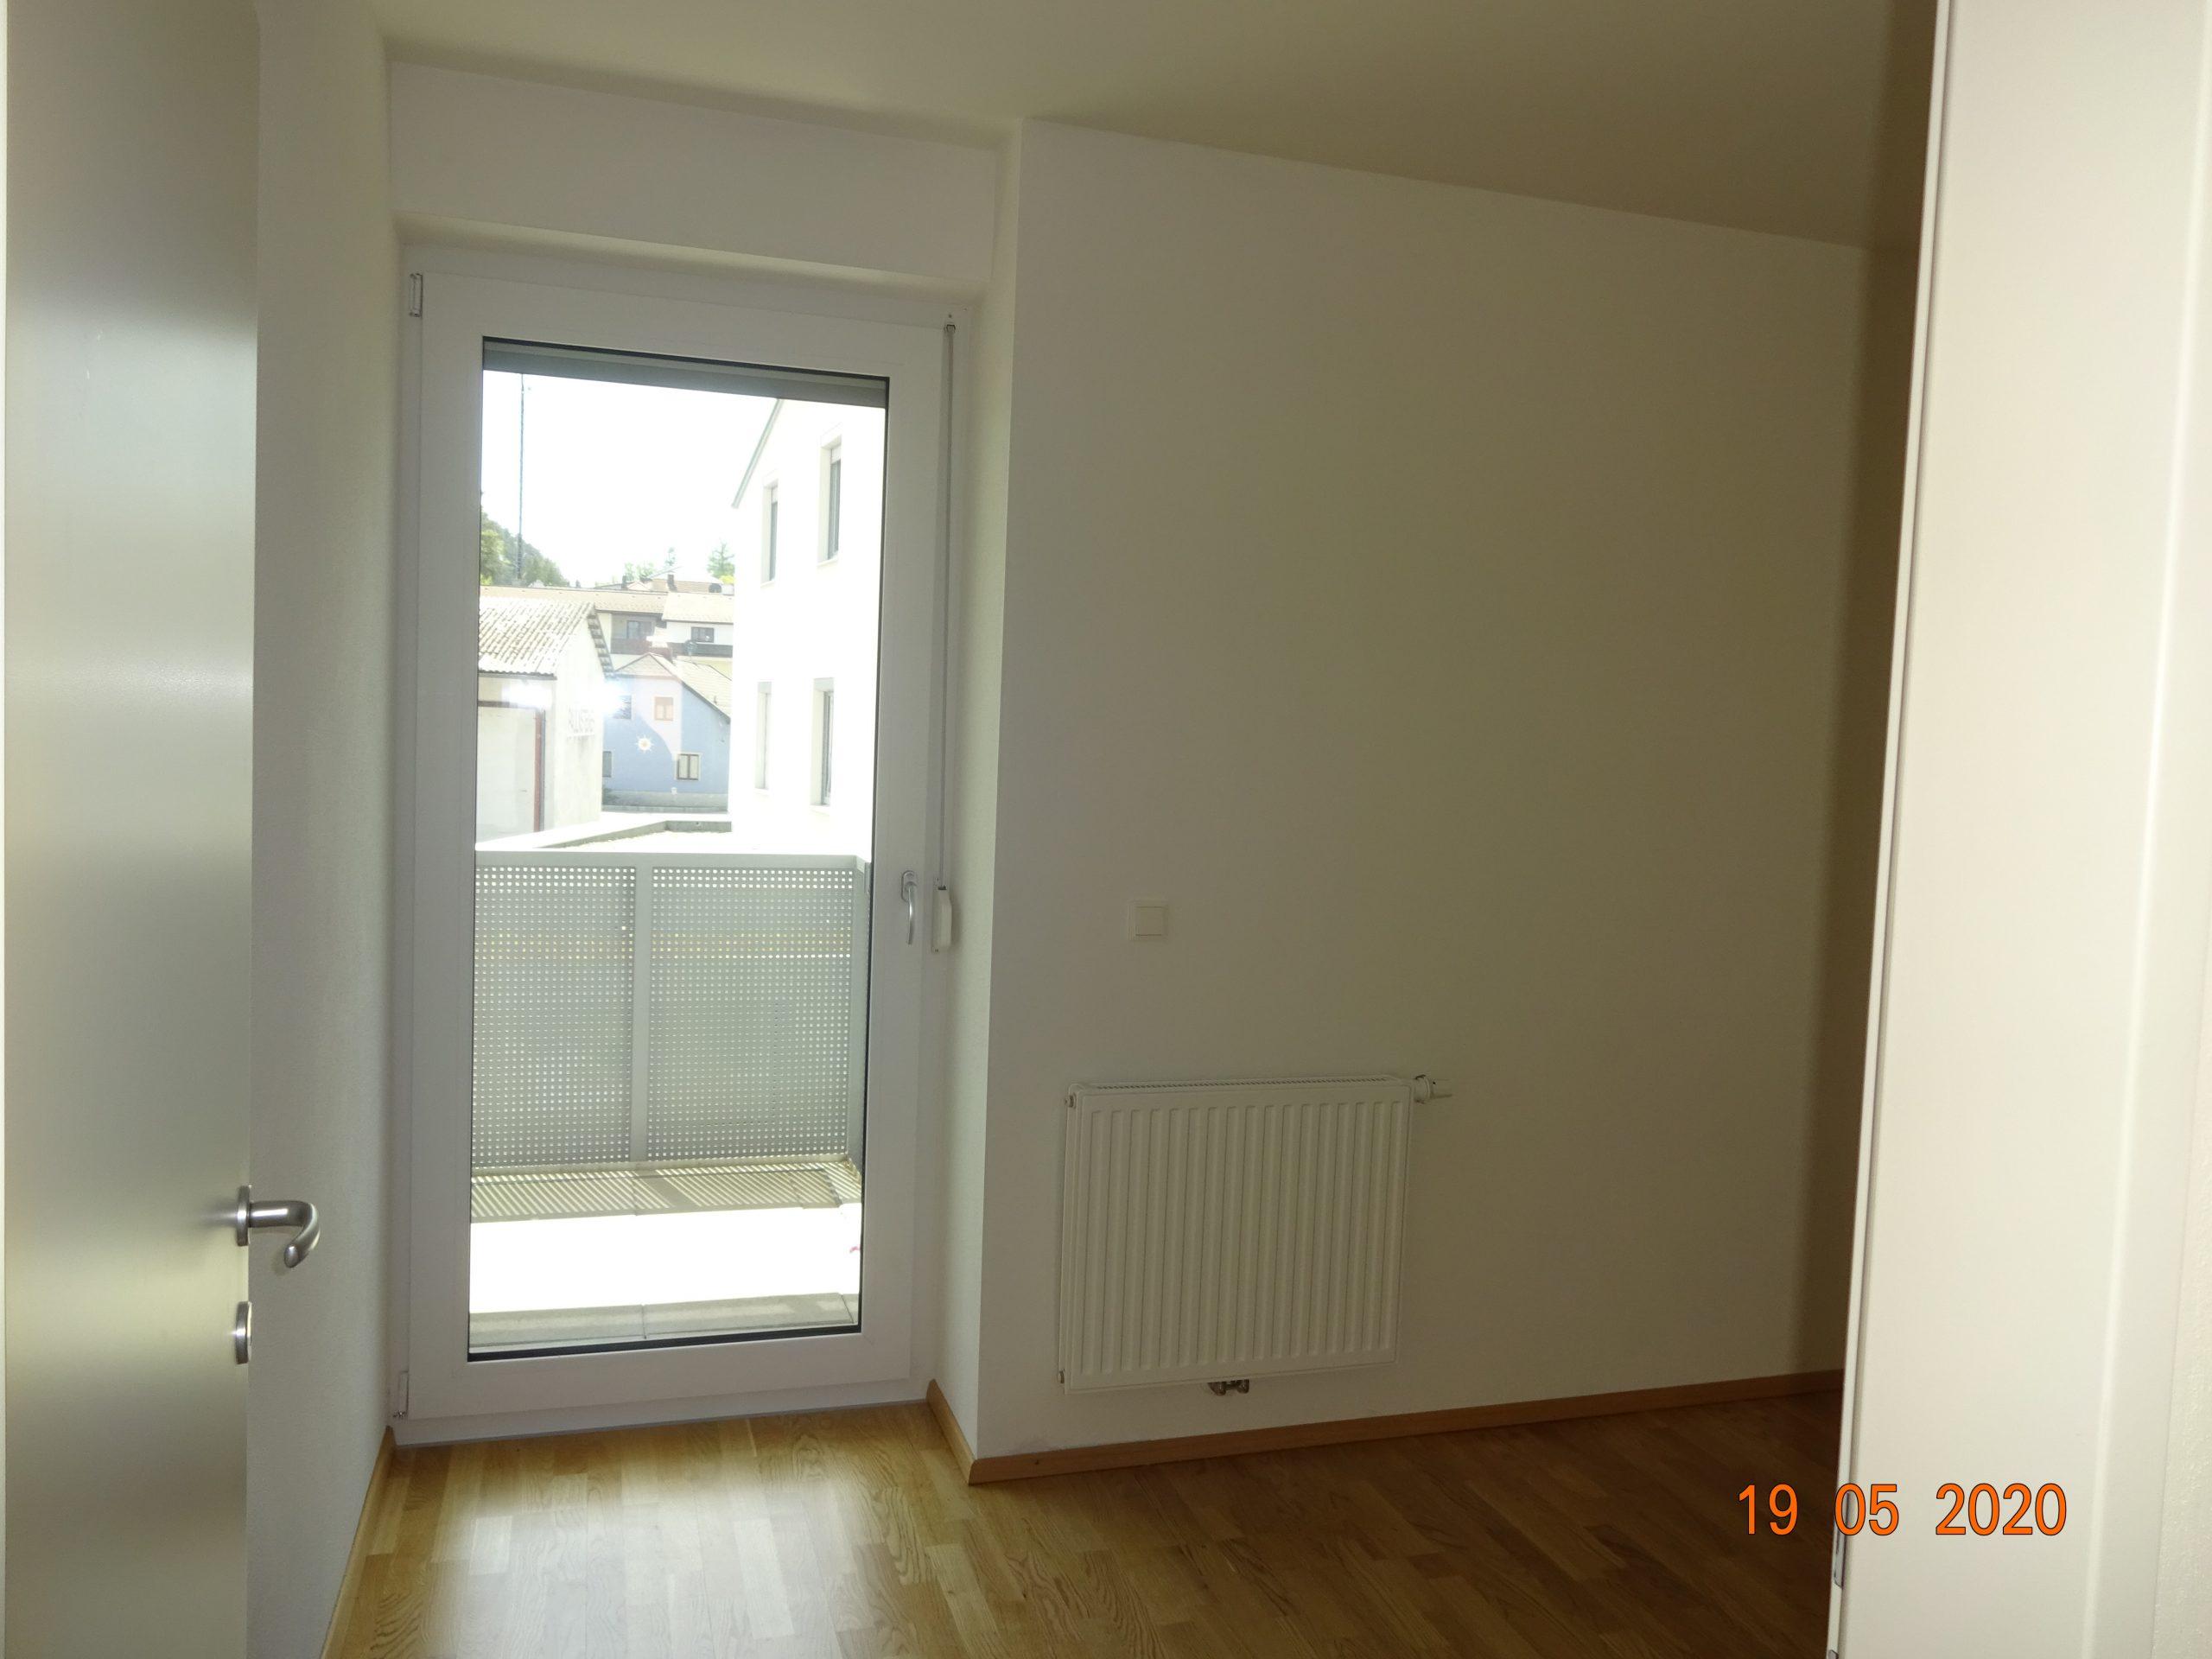 Immobilie von Kamptal in 3920 Groß Gerungs, Zwettl, Gr. Gerungs IV/1 - Top 104 #7